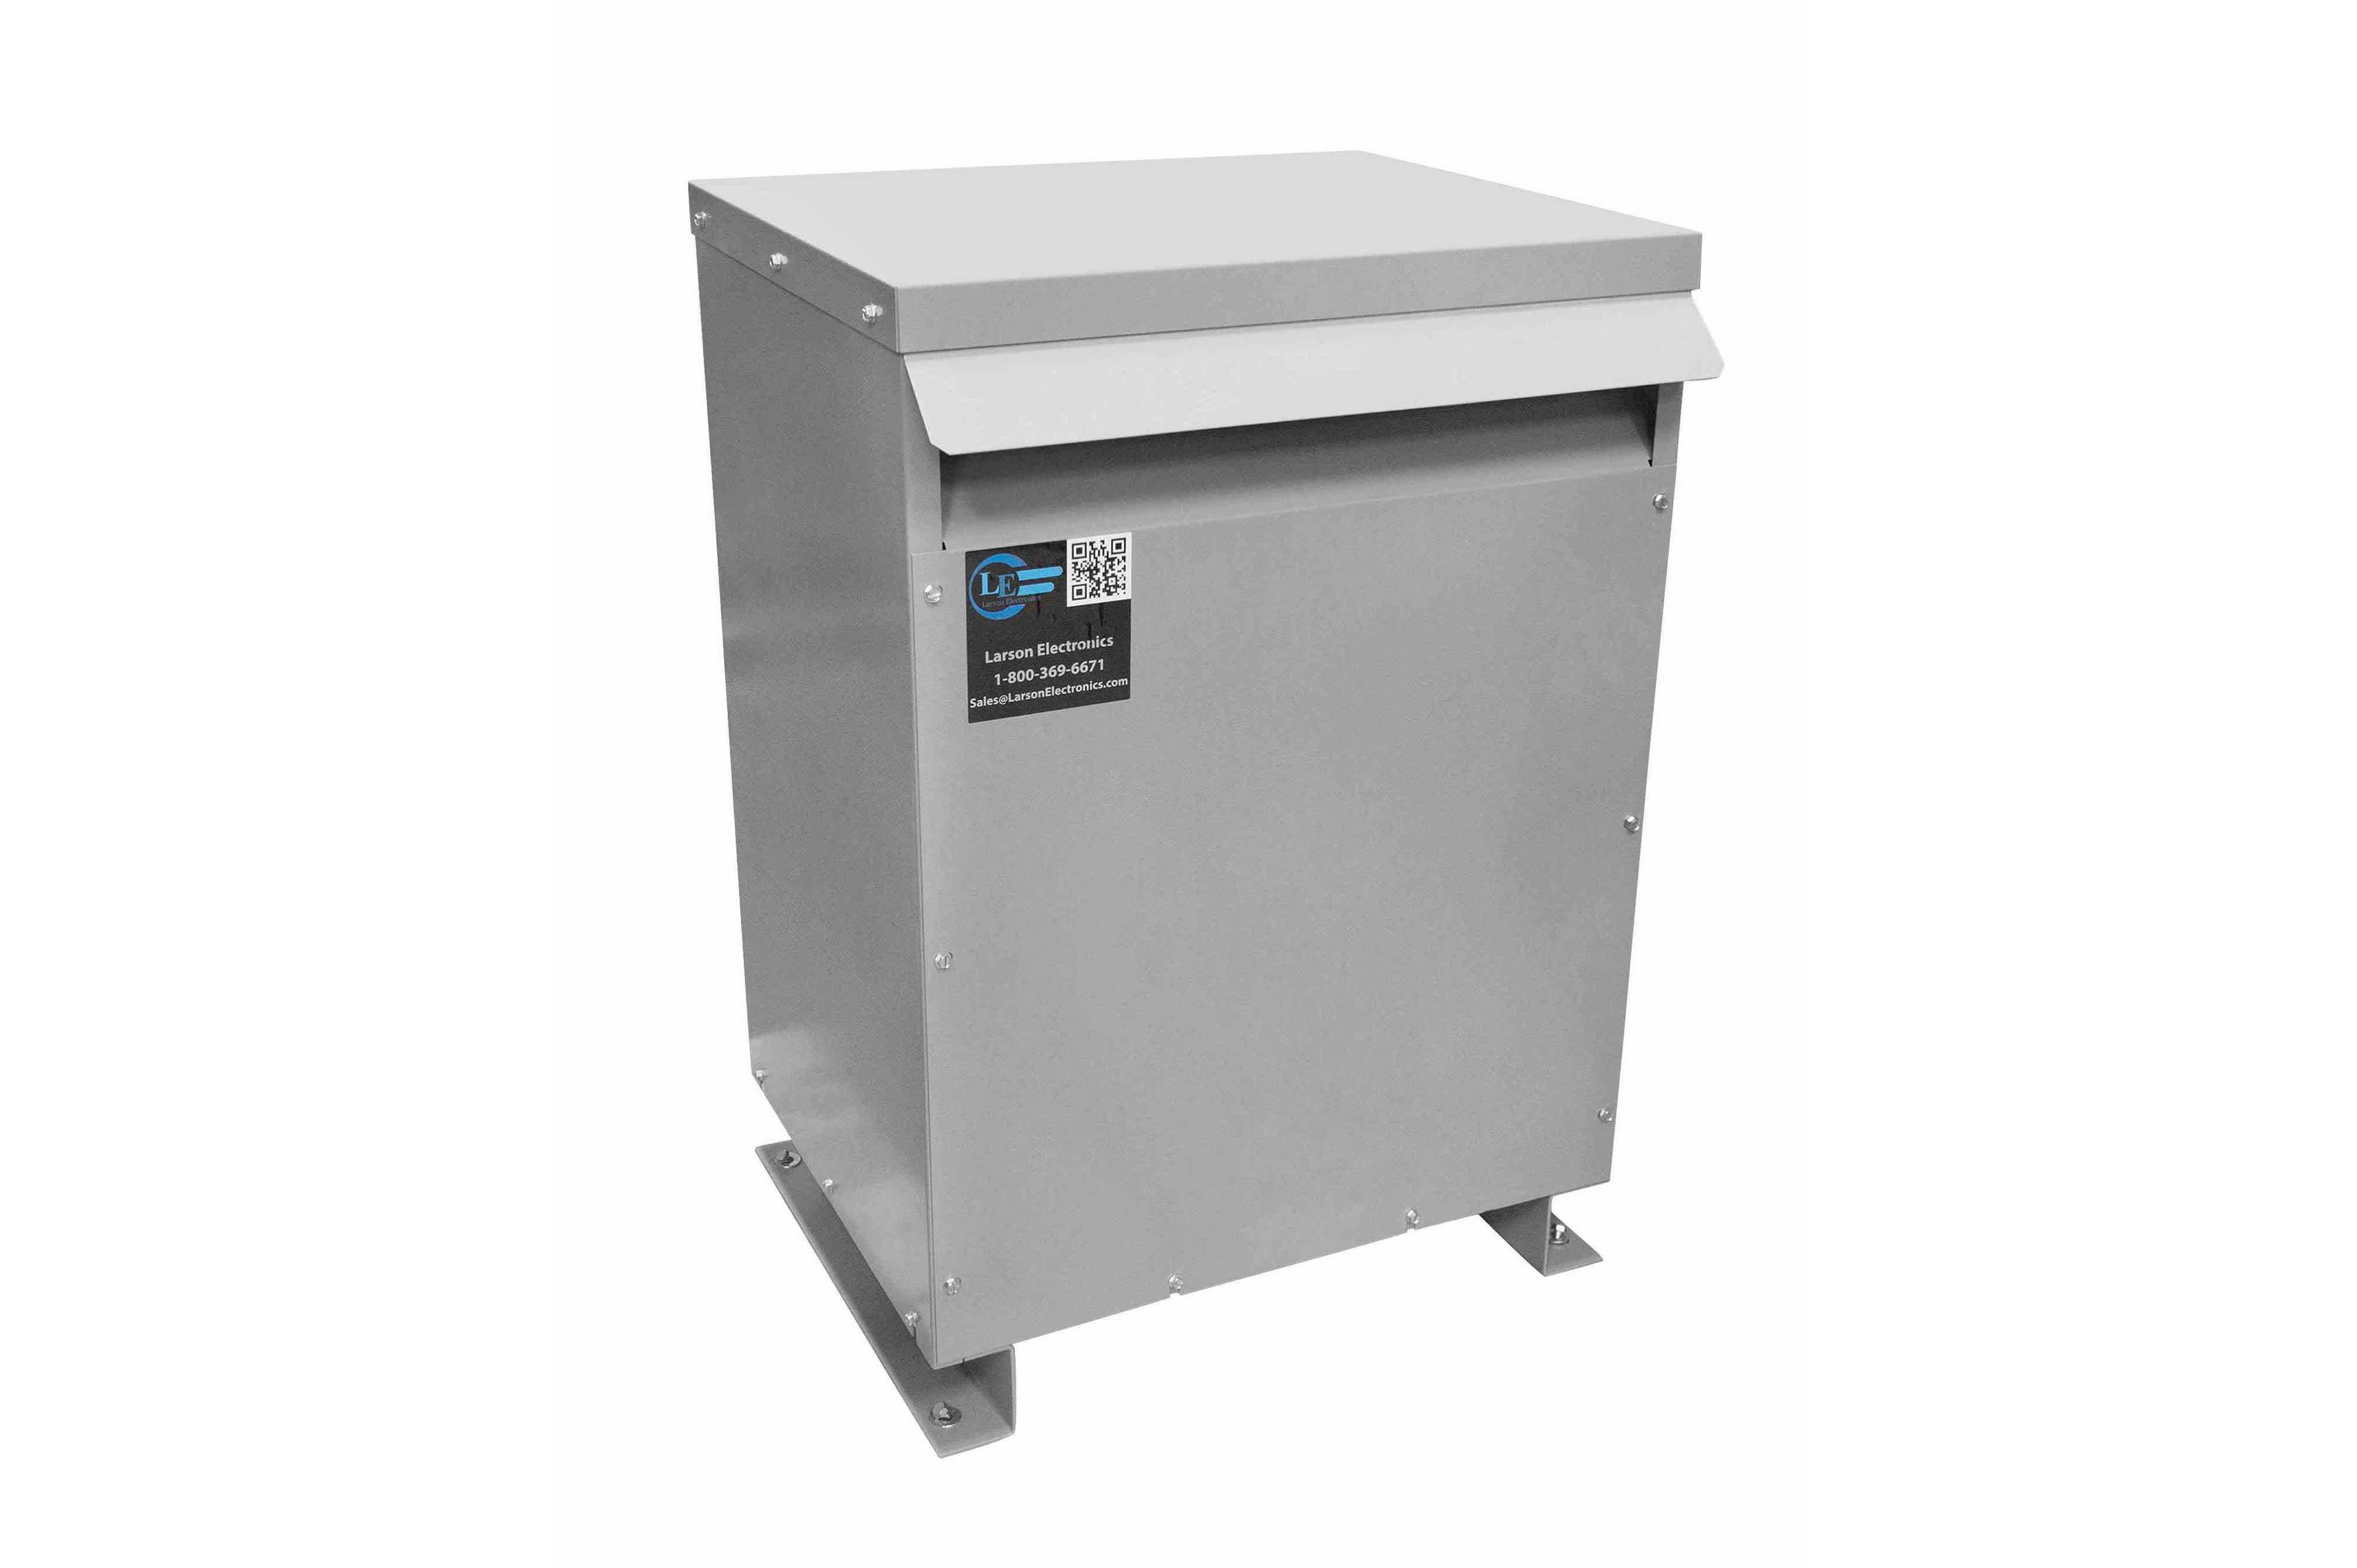 700 kVA 3PH Isolation Transformer, 575V Delta Primary, 415V Delta Secondary, N3R, Ventilated, 60 Hz